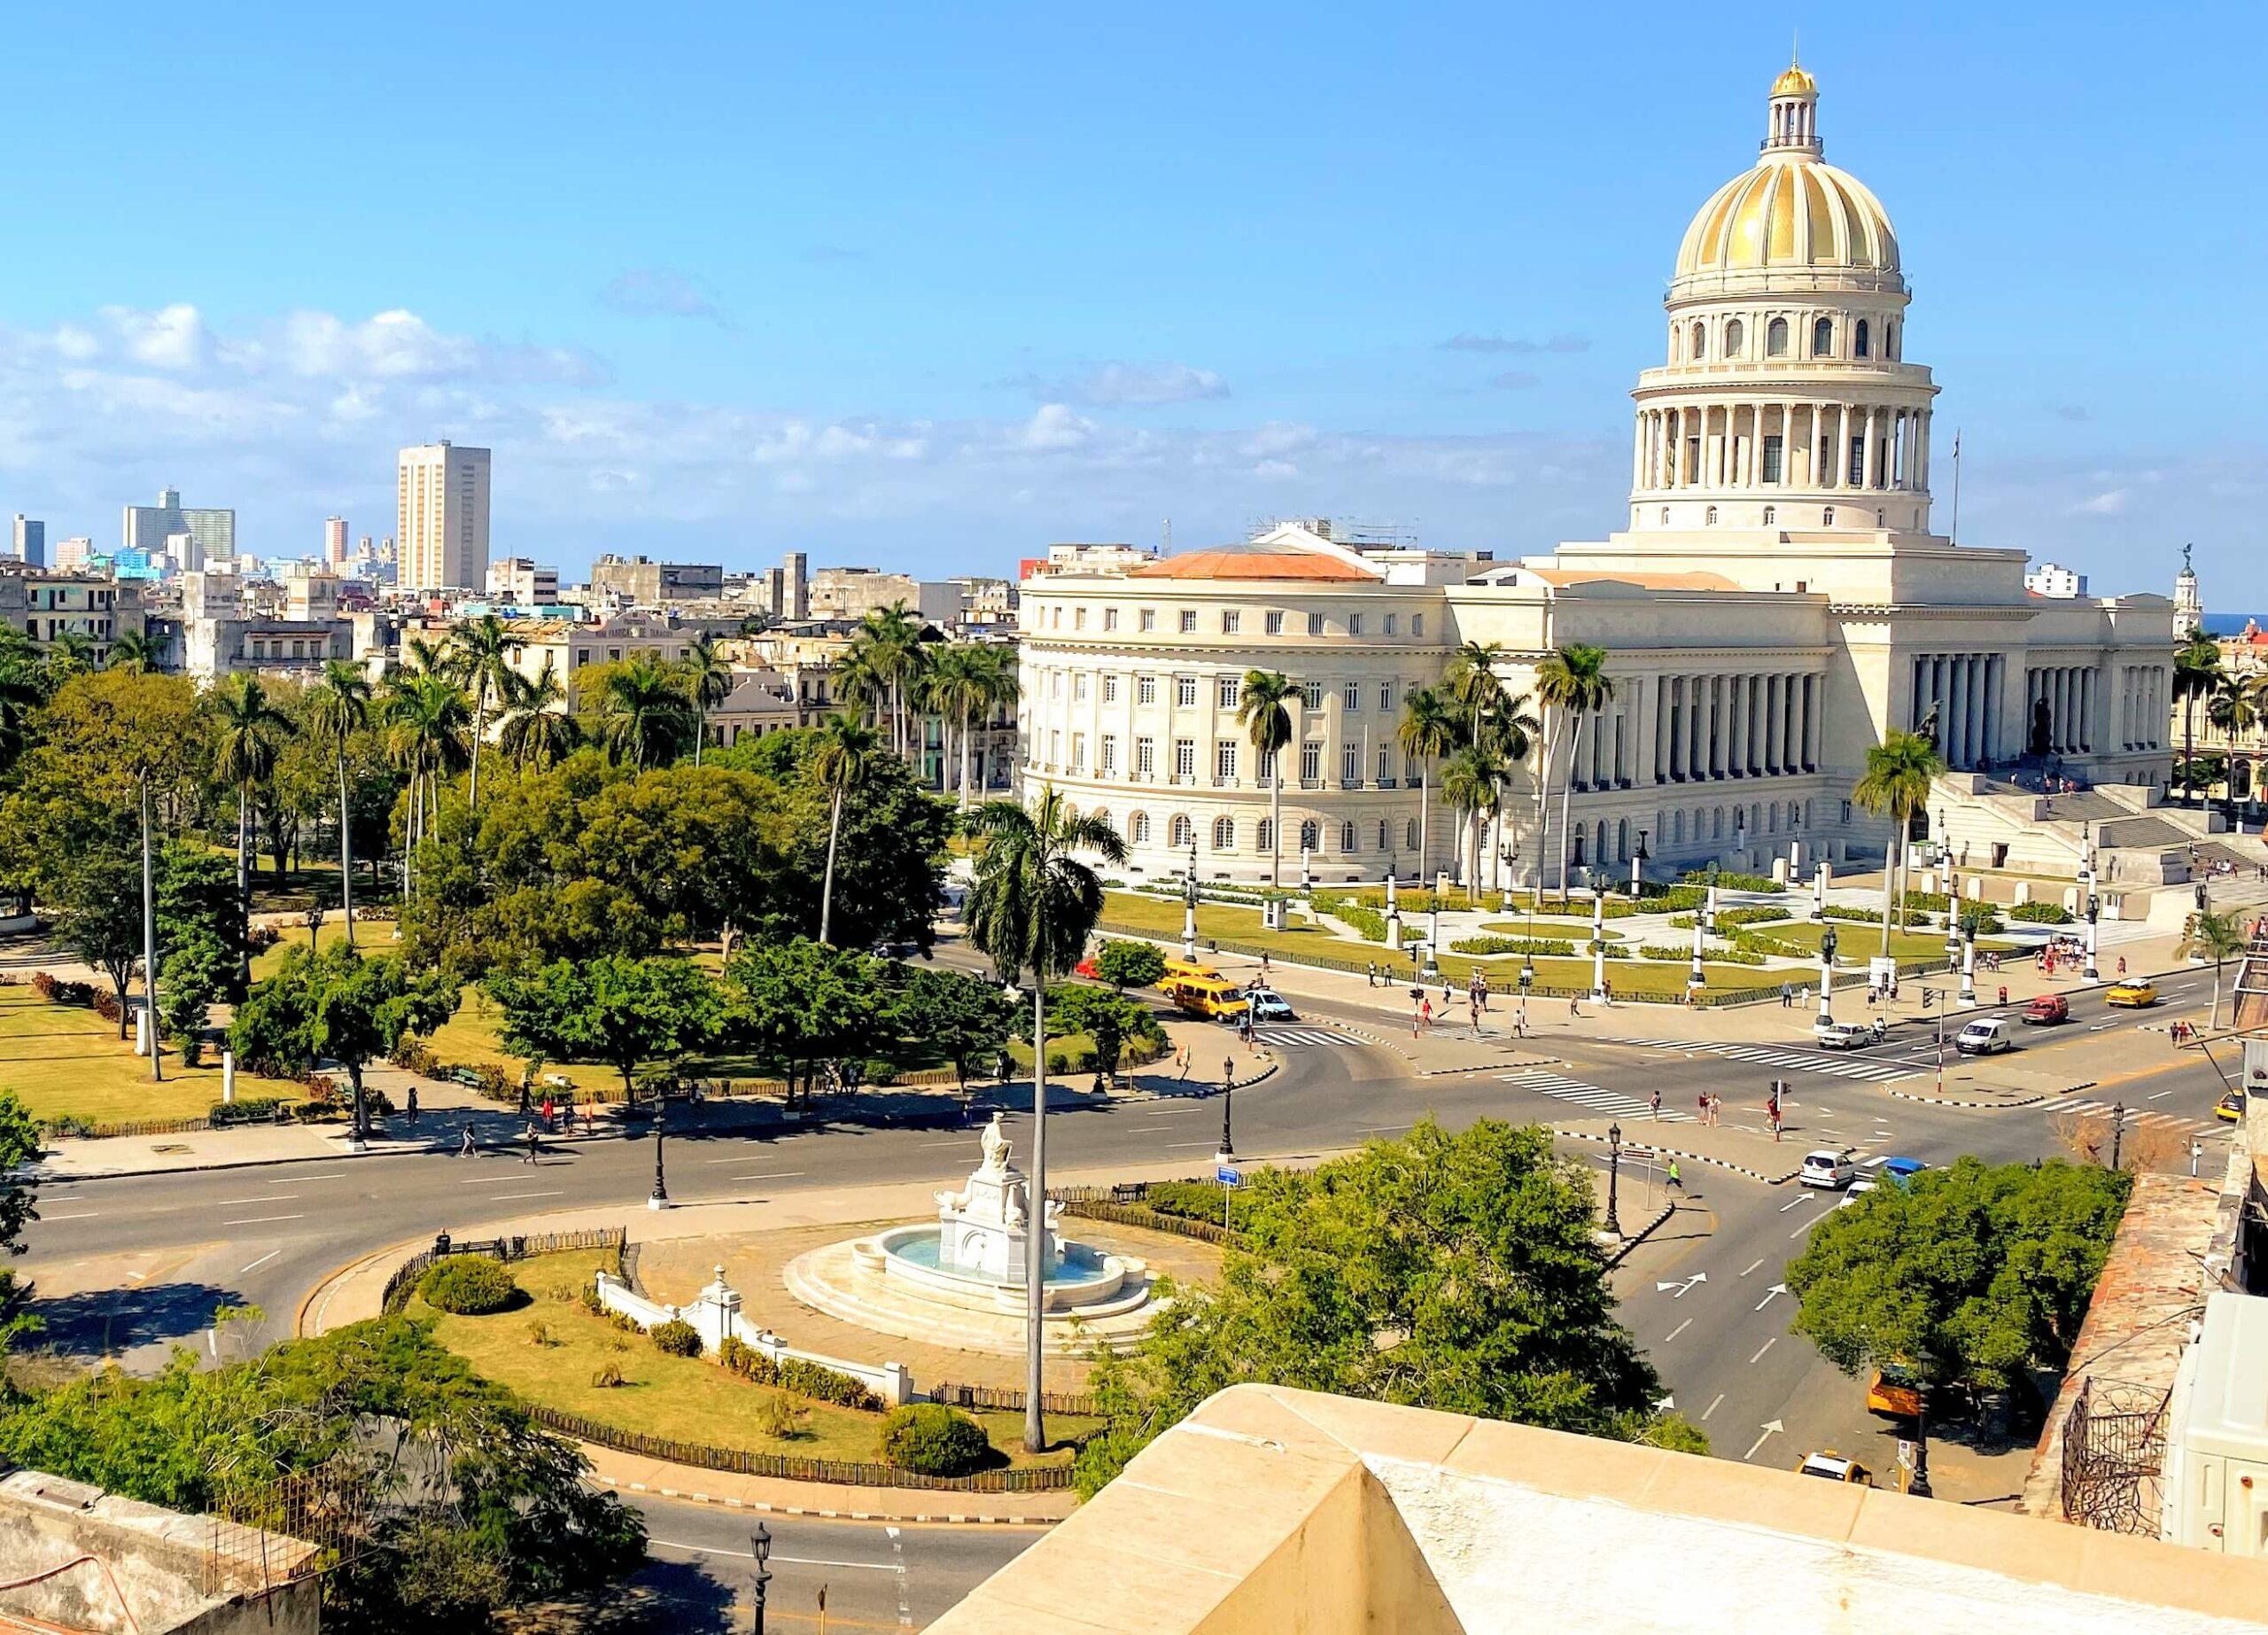 Enestående udsigt til smukke El Capitolio fra vores Airbnb lejlighed i Cubas hovedstad Havanna